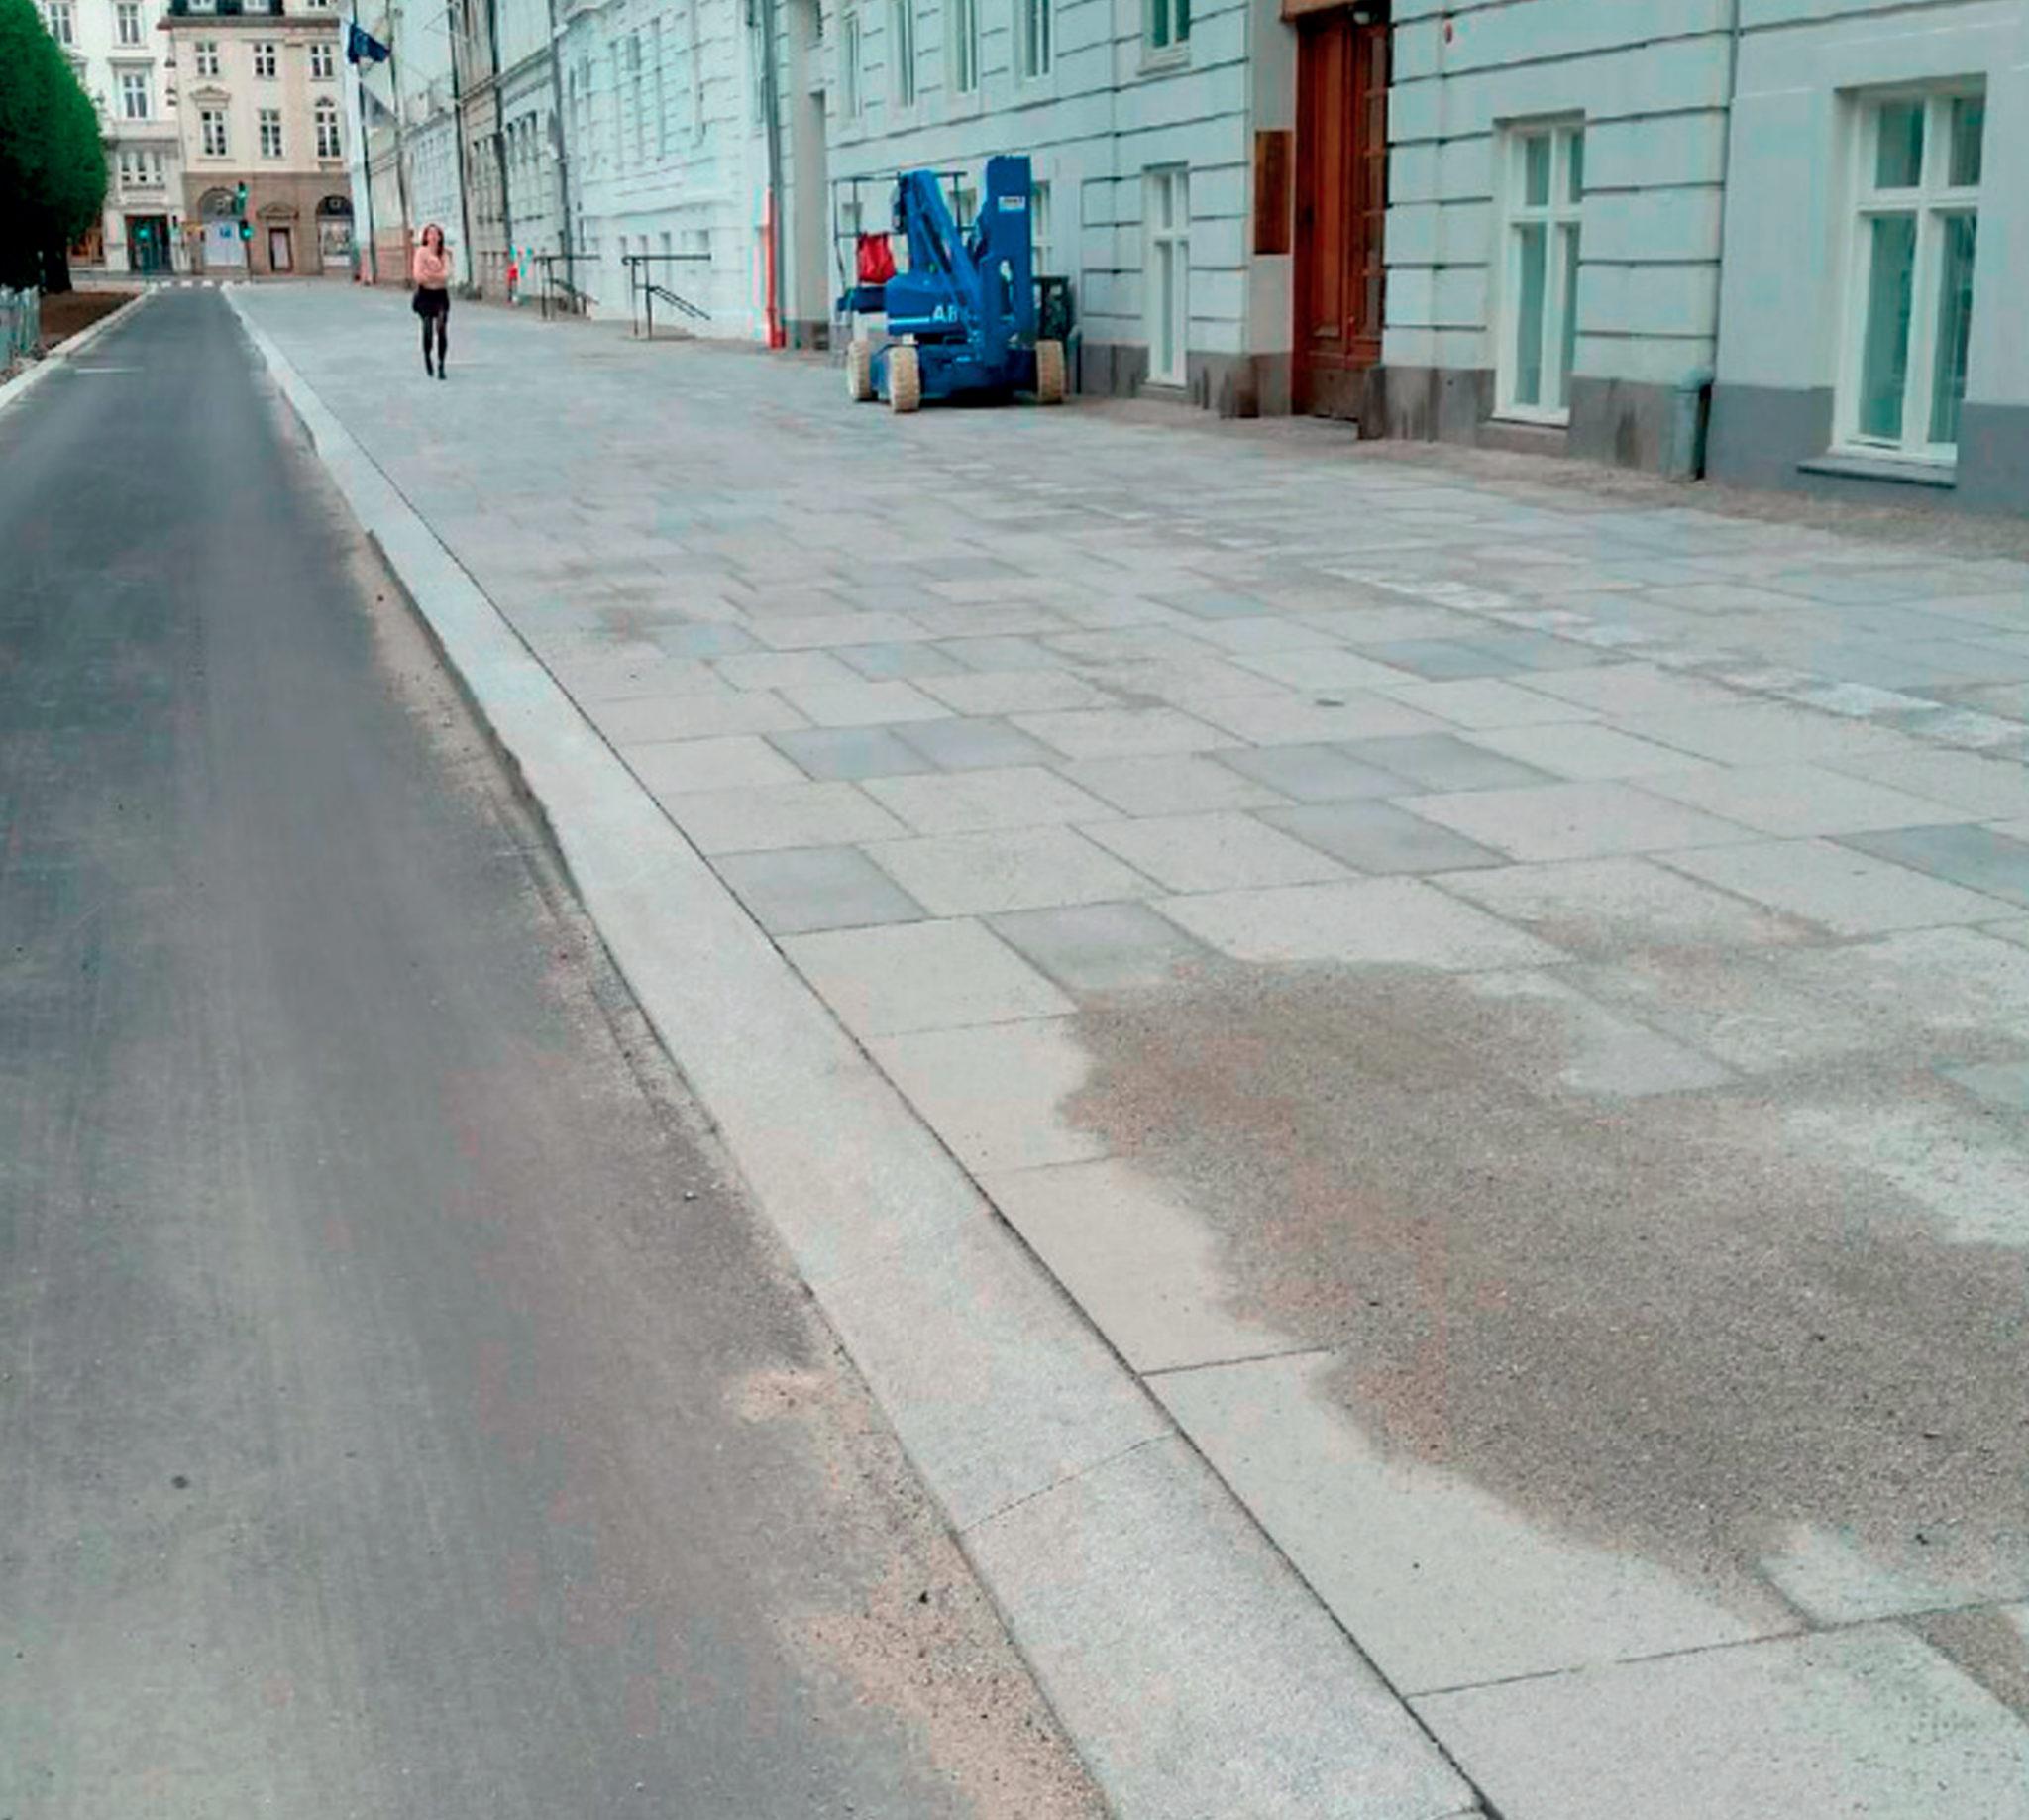 Anlæg af fortov i København - Sct. Annæ gade